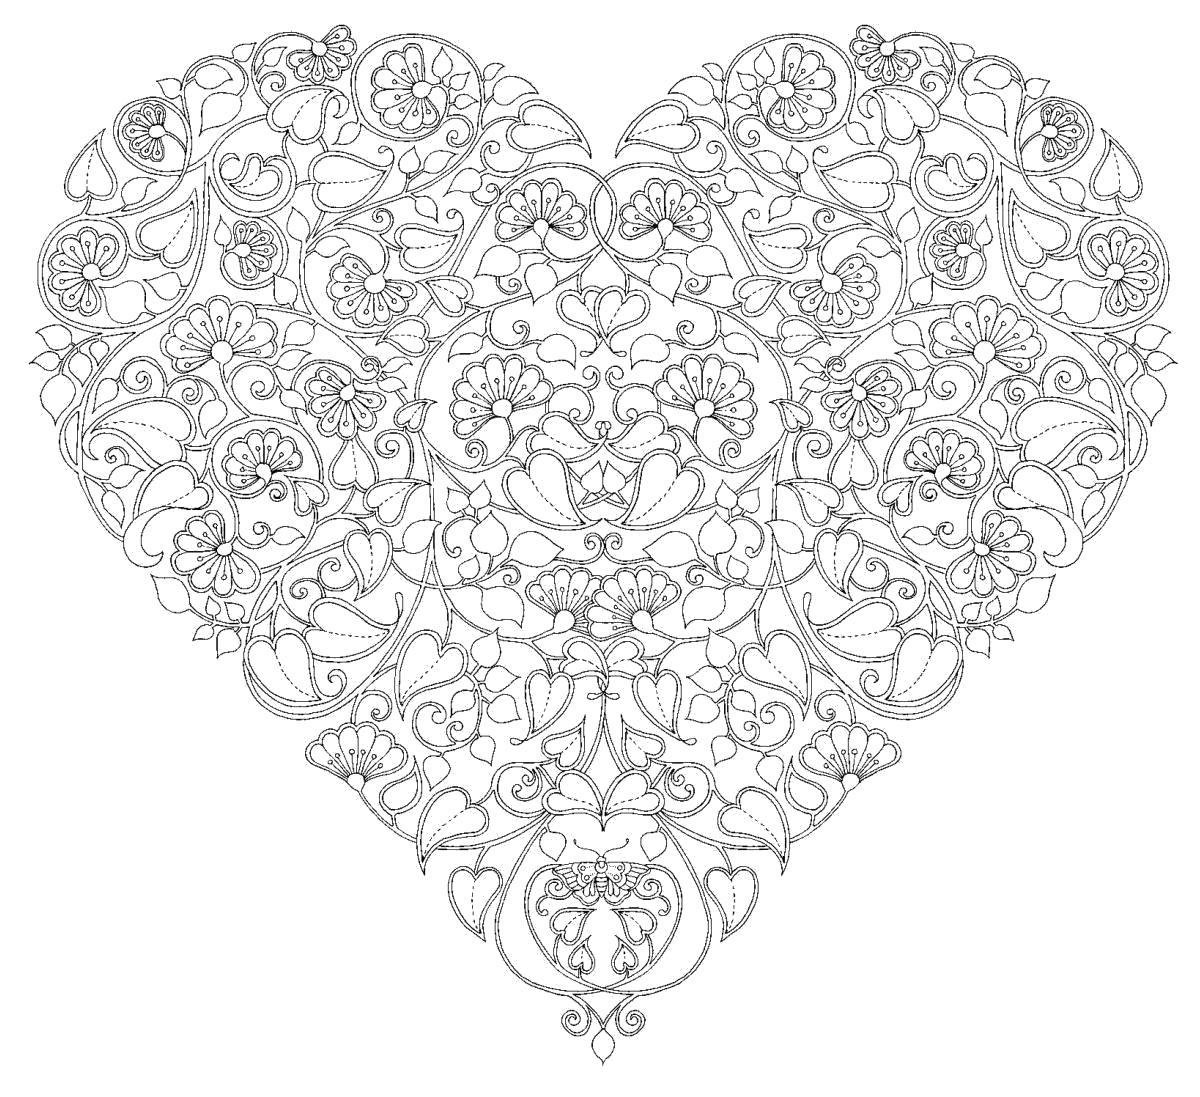 Раскраска Антистресс Идеальный антистресс или  для взрослых, сердце из цветов и листьев  распечатать. Скачать сердечко.  Распечатать День святого валентина